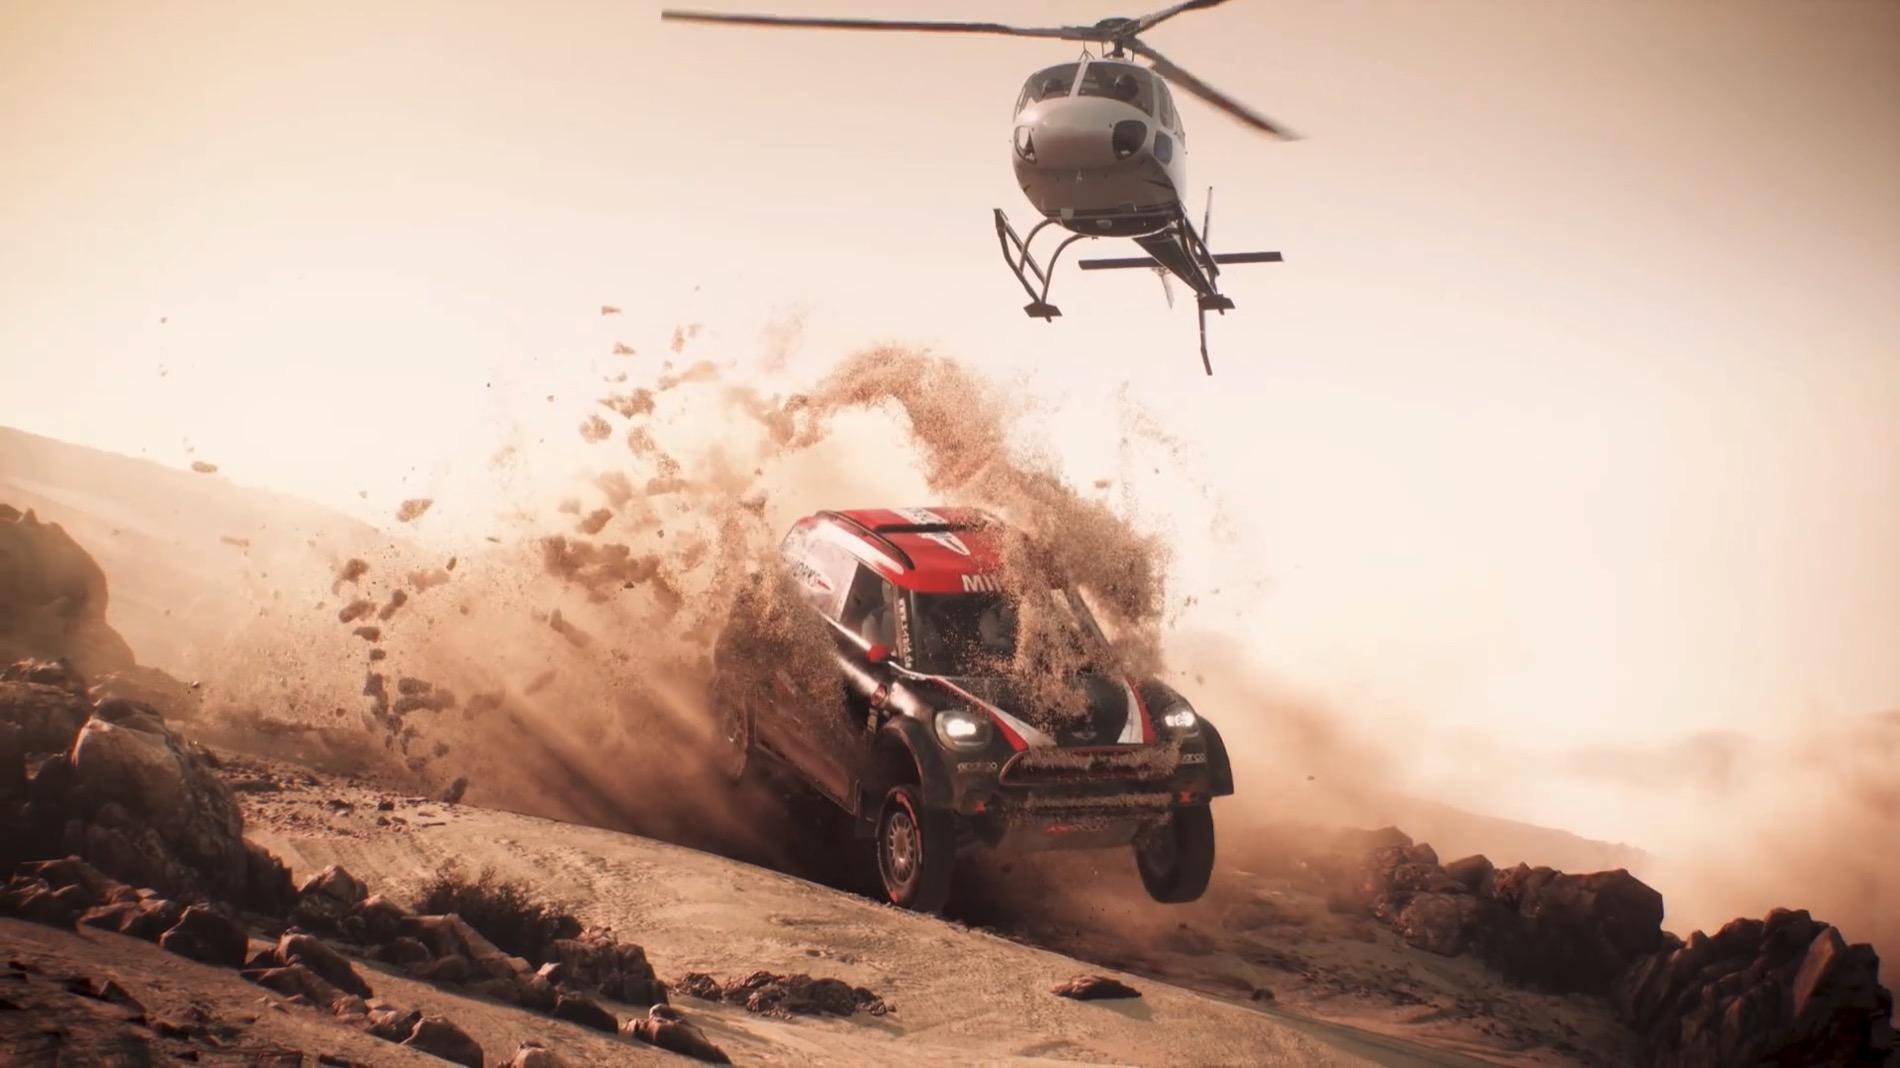 Dakar 18, primeras imágenes del videojuego del Rally Dakar